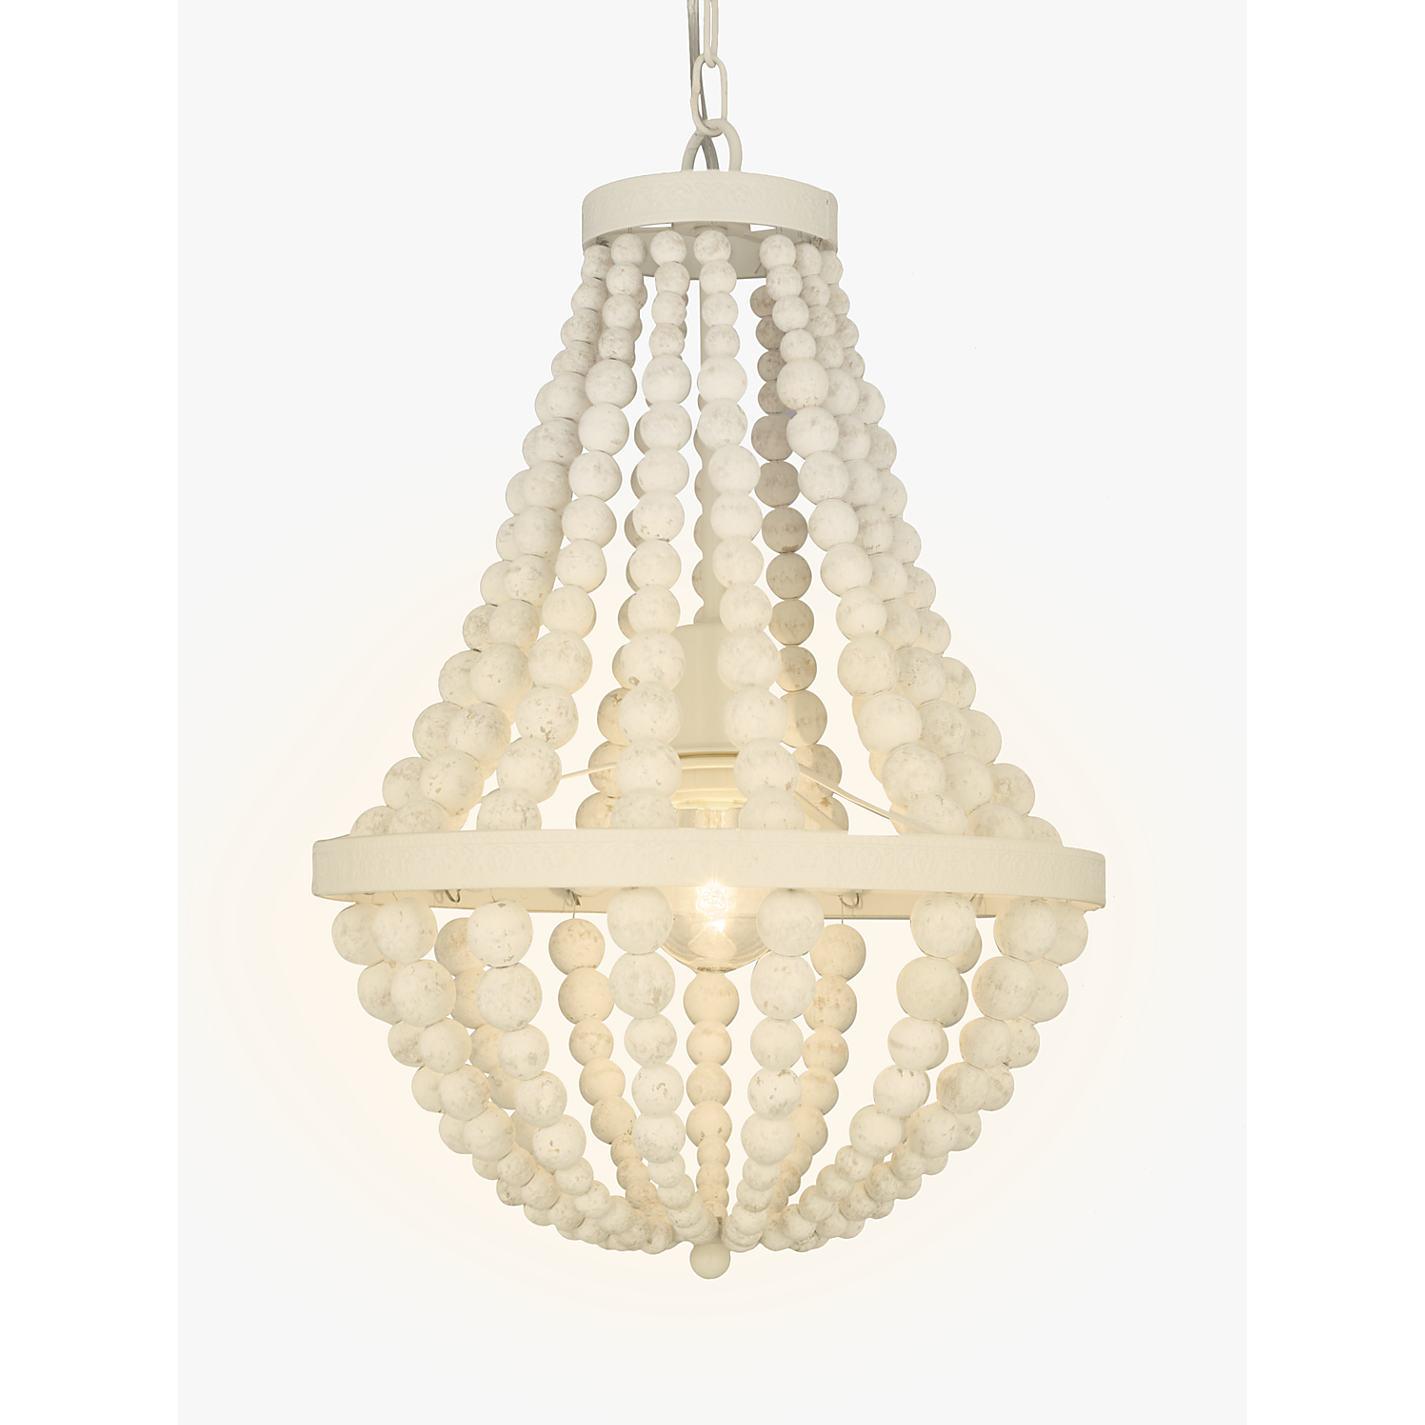 John Lewis Lottie Ceiling Light White Online At Johnlewis